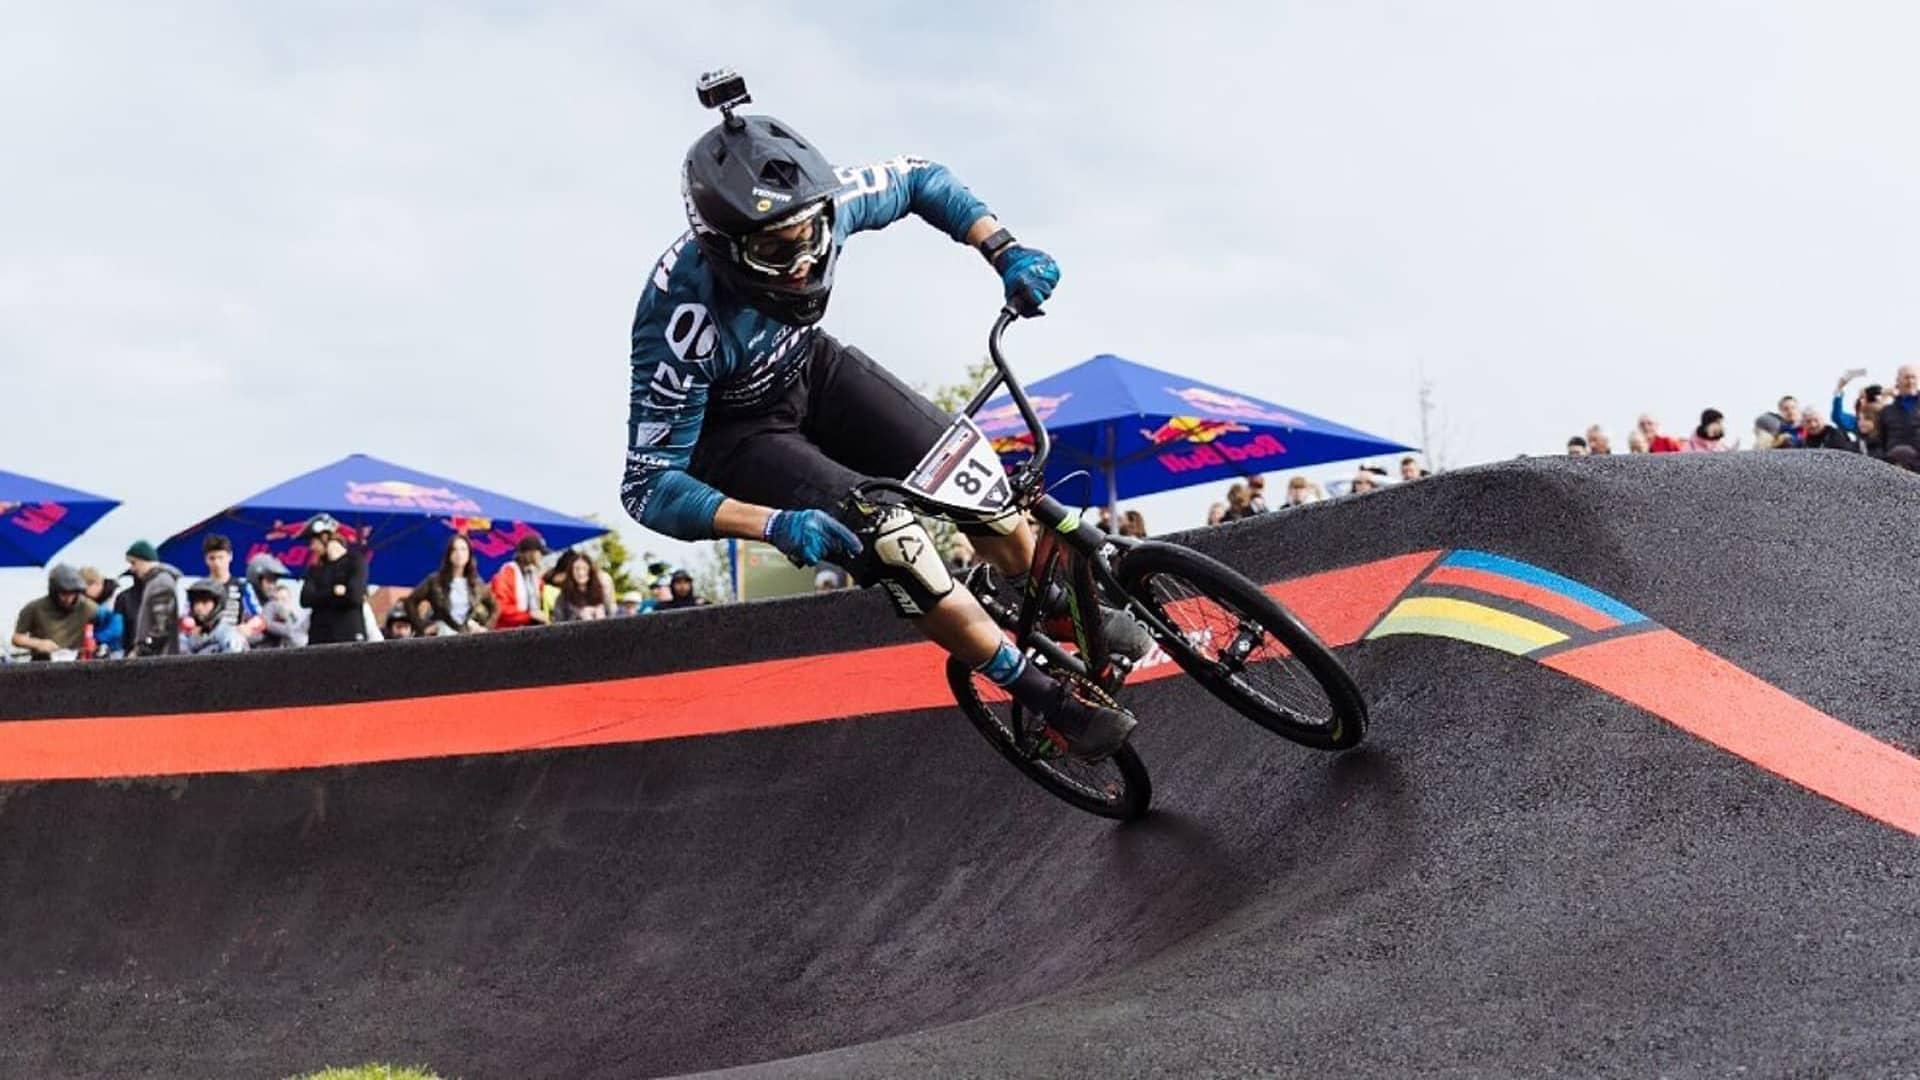 Dónde ver en TV ciclismo BMX, qué es, historia, modalidad Freestyle y Race